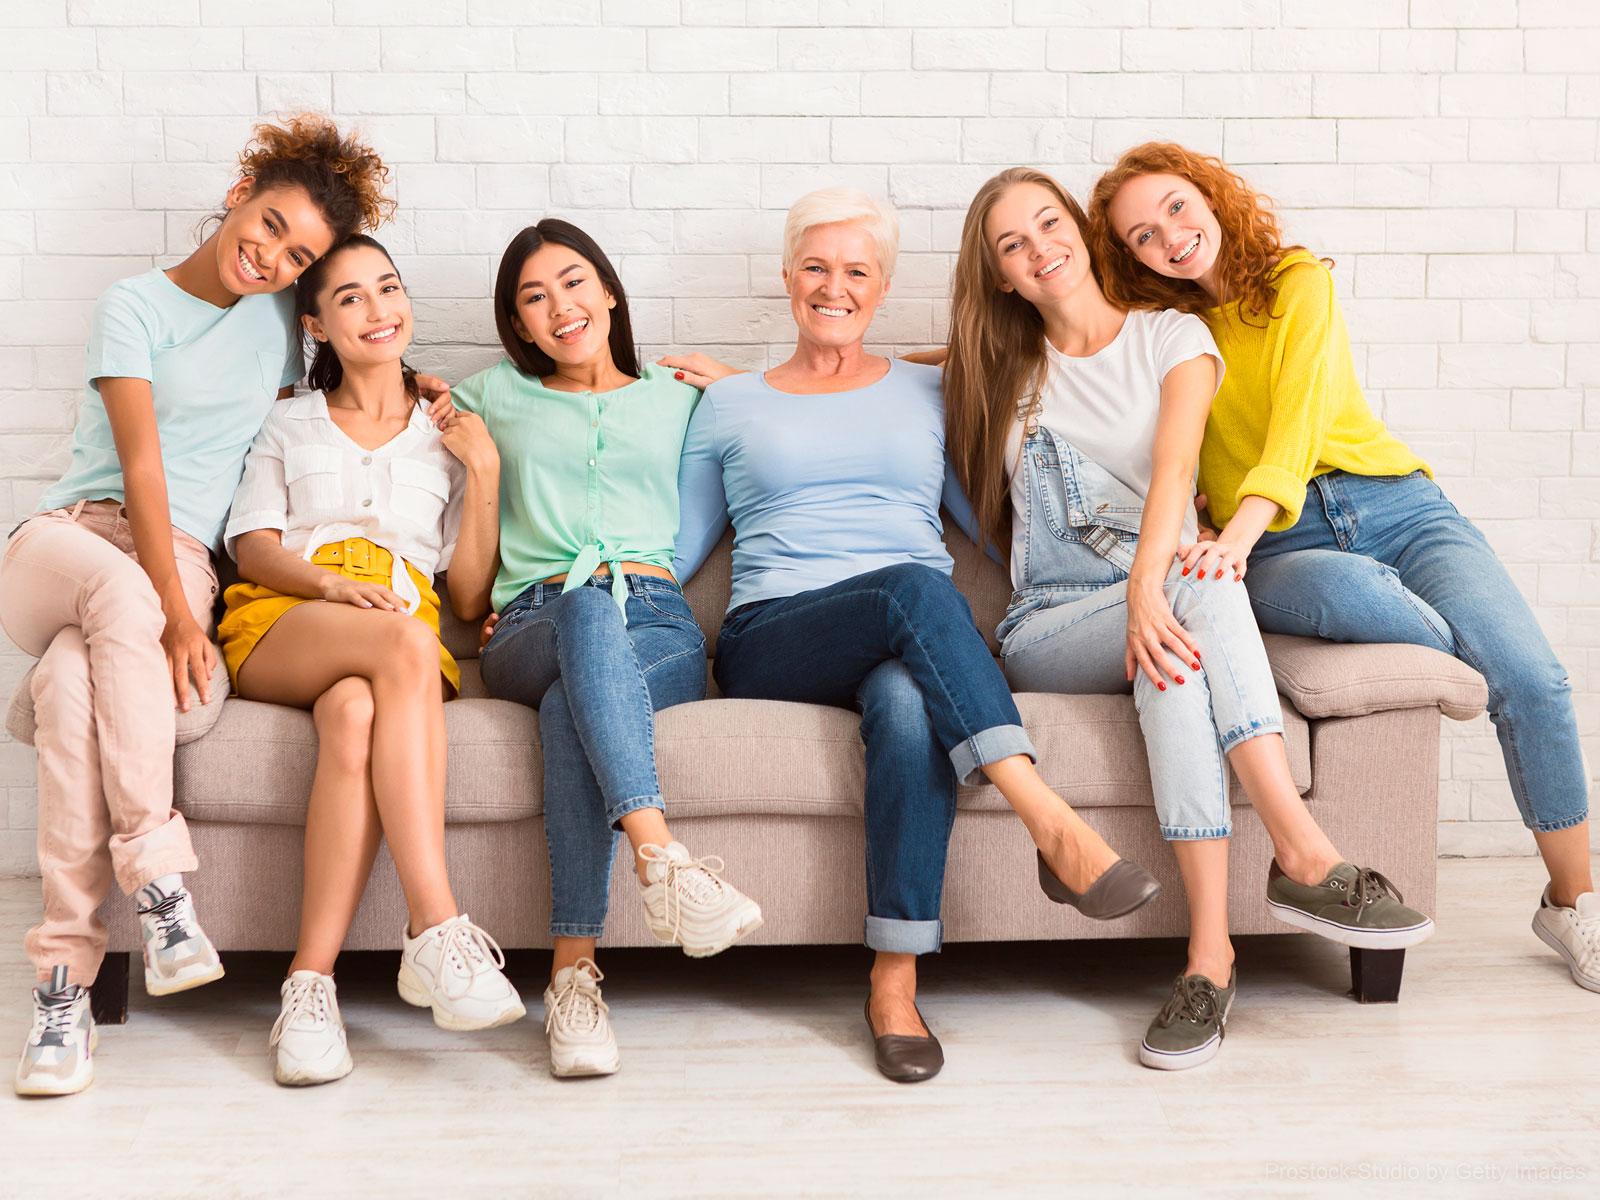 Como-o-método-Billings-ajuda-a-mulher-a-ser-mais-feminina